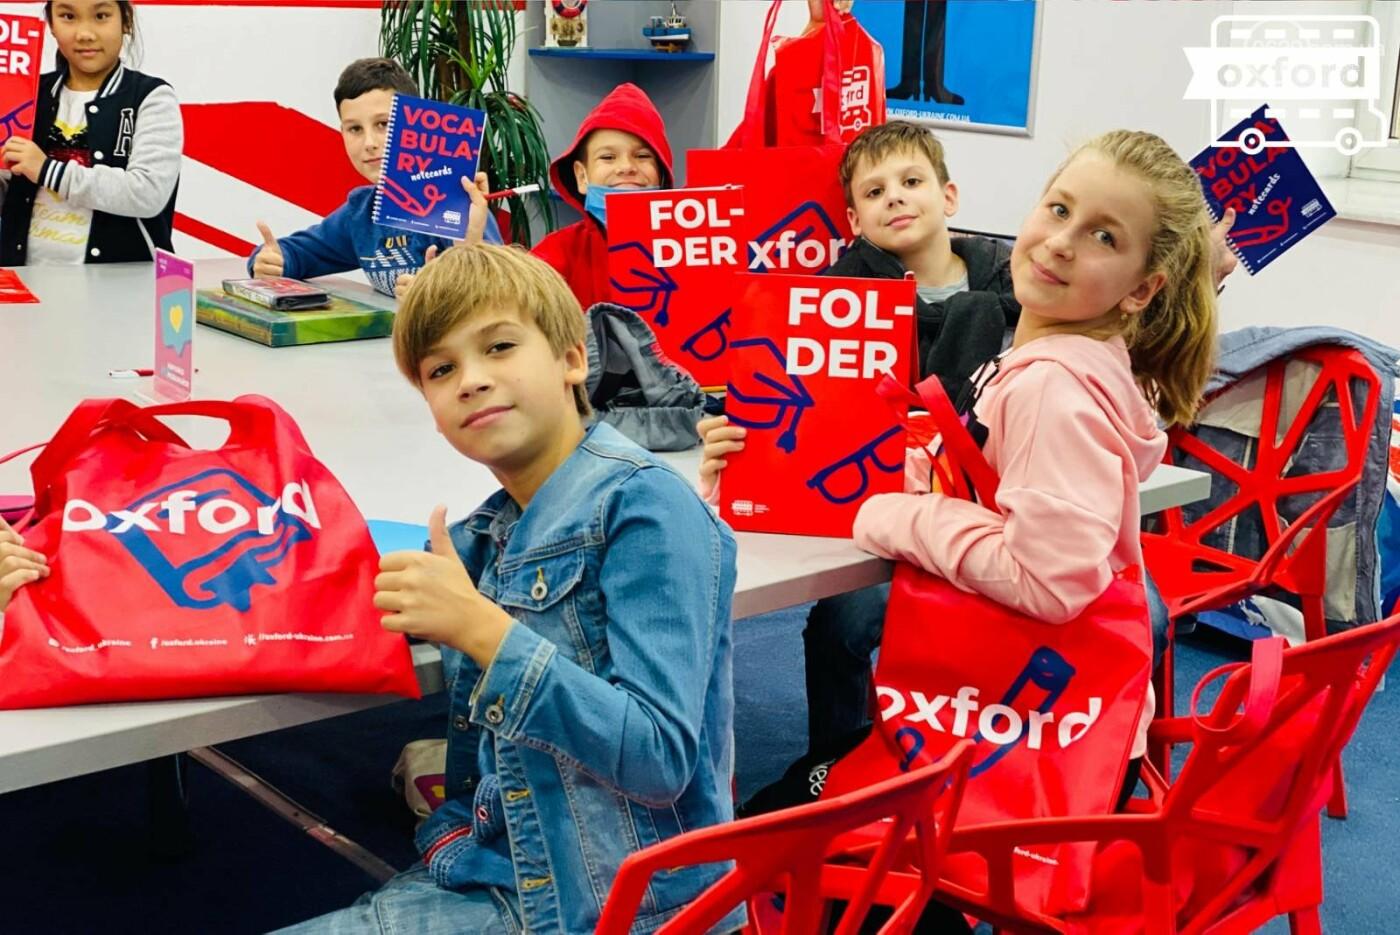 Английский, который вы полюбите! OXFORD!, фото-3